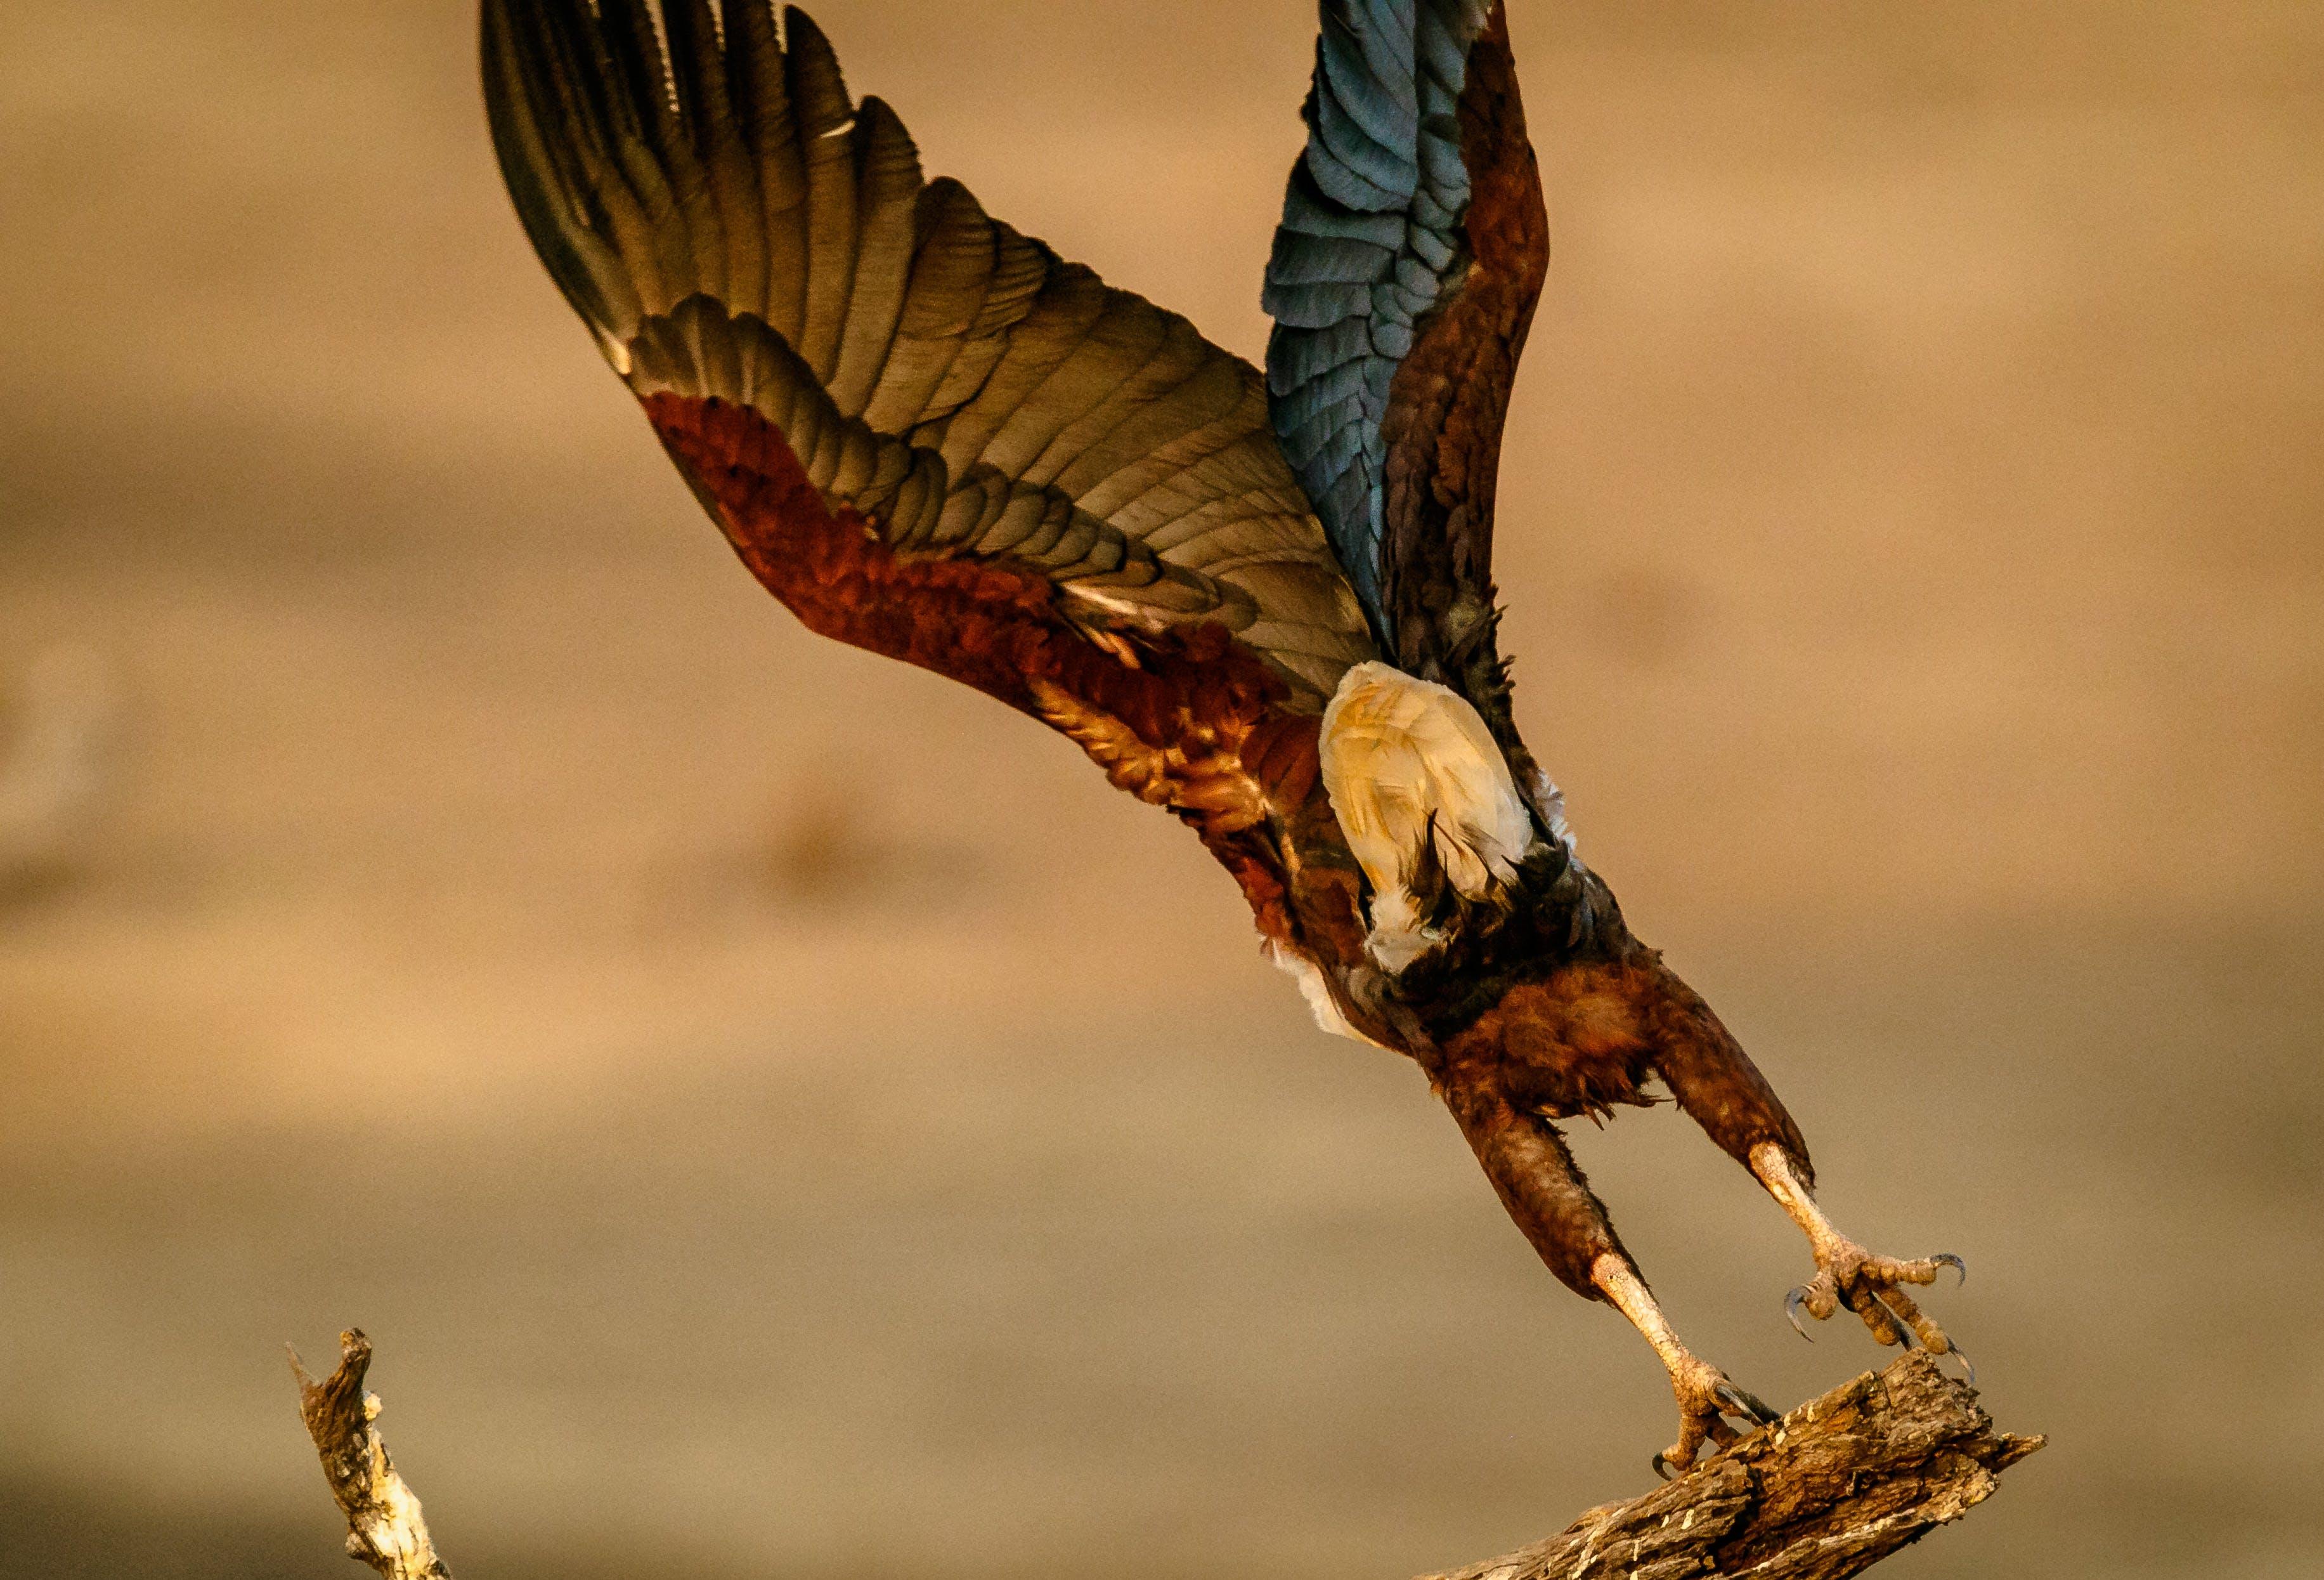 Δωρεάν στοκ φωτογραφιών με Αφρική, Ζάμπια, ψάρια αετός